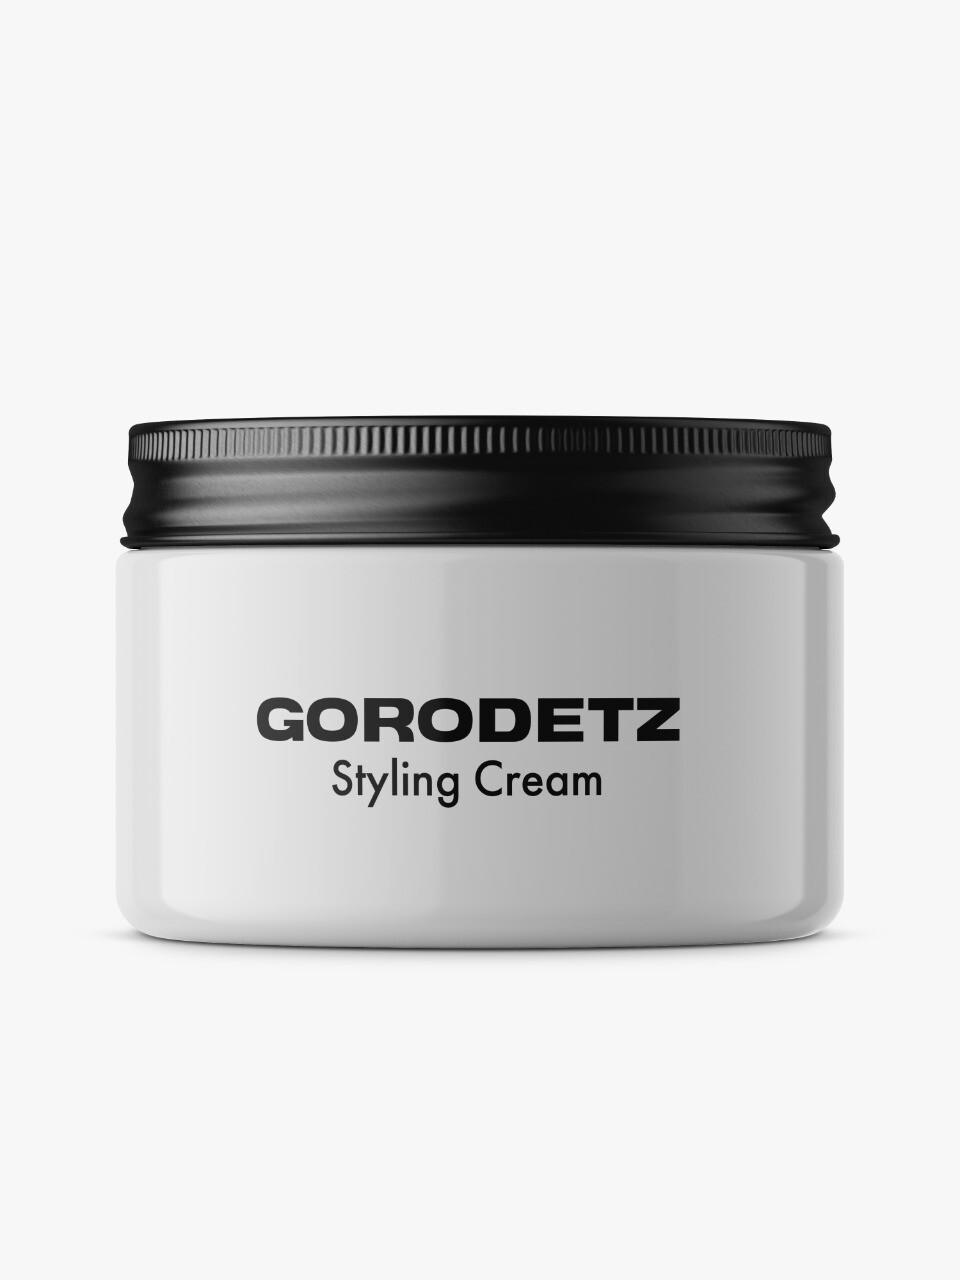 GORODETZ Styling Cream Крем для укладки 270 г.